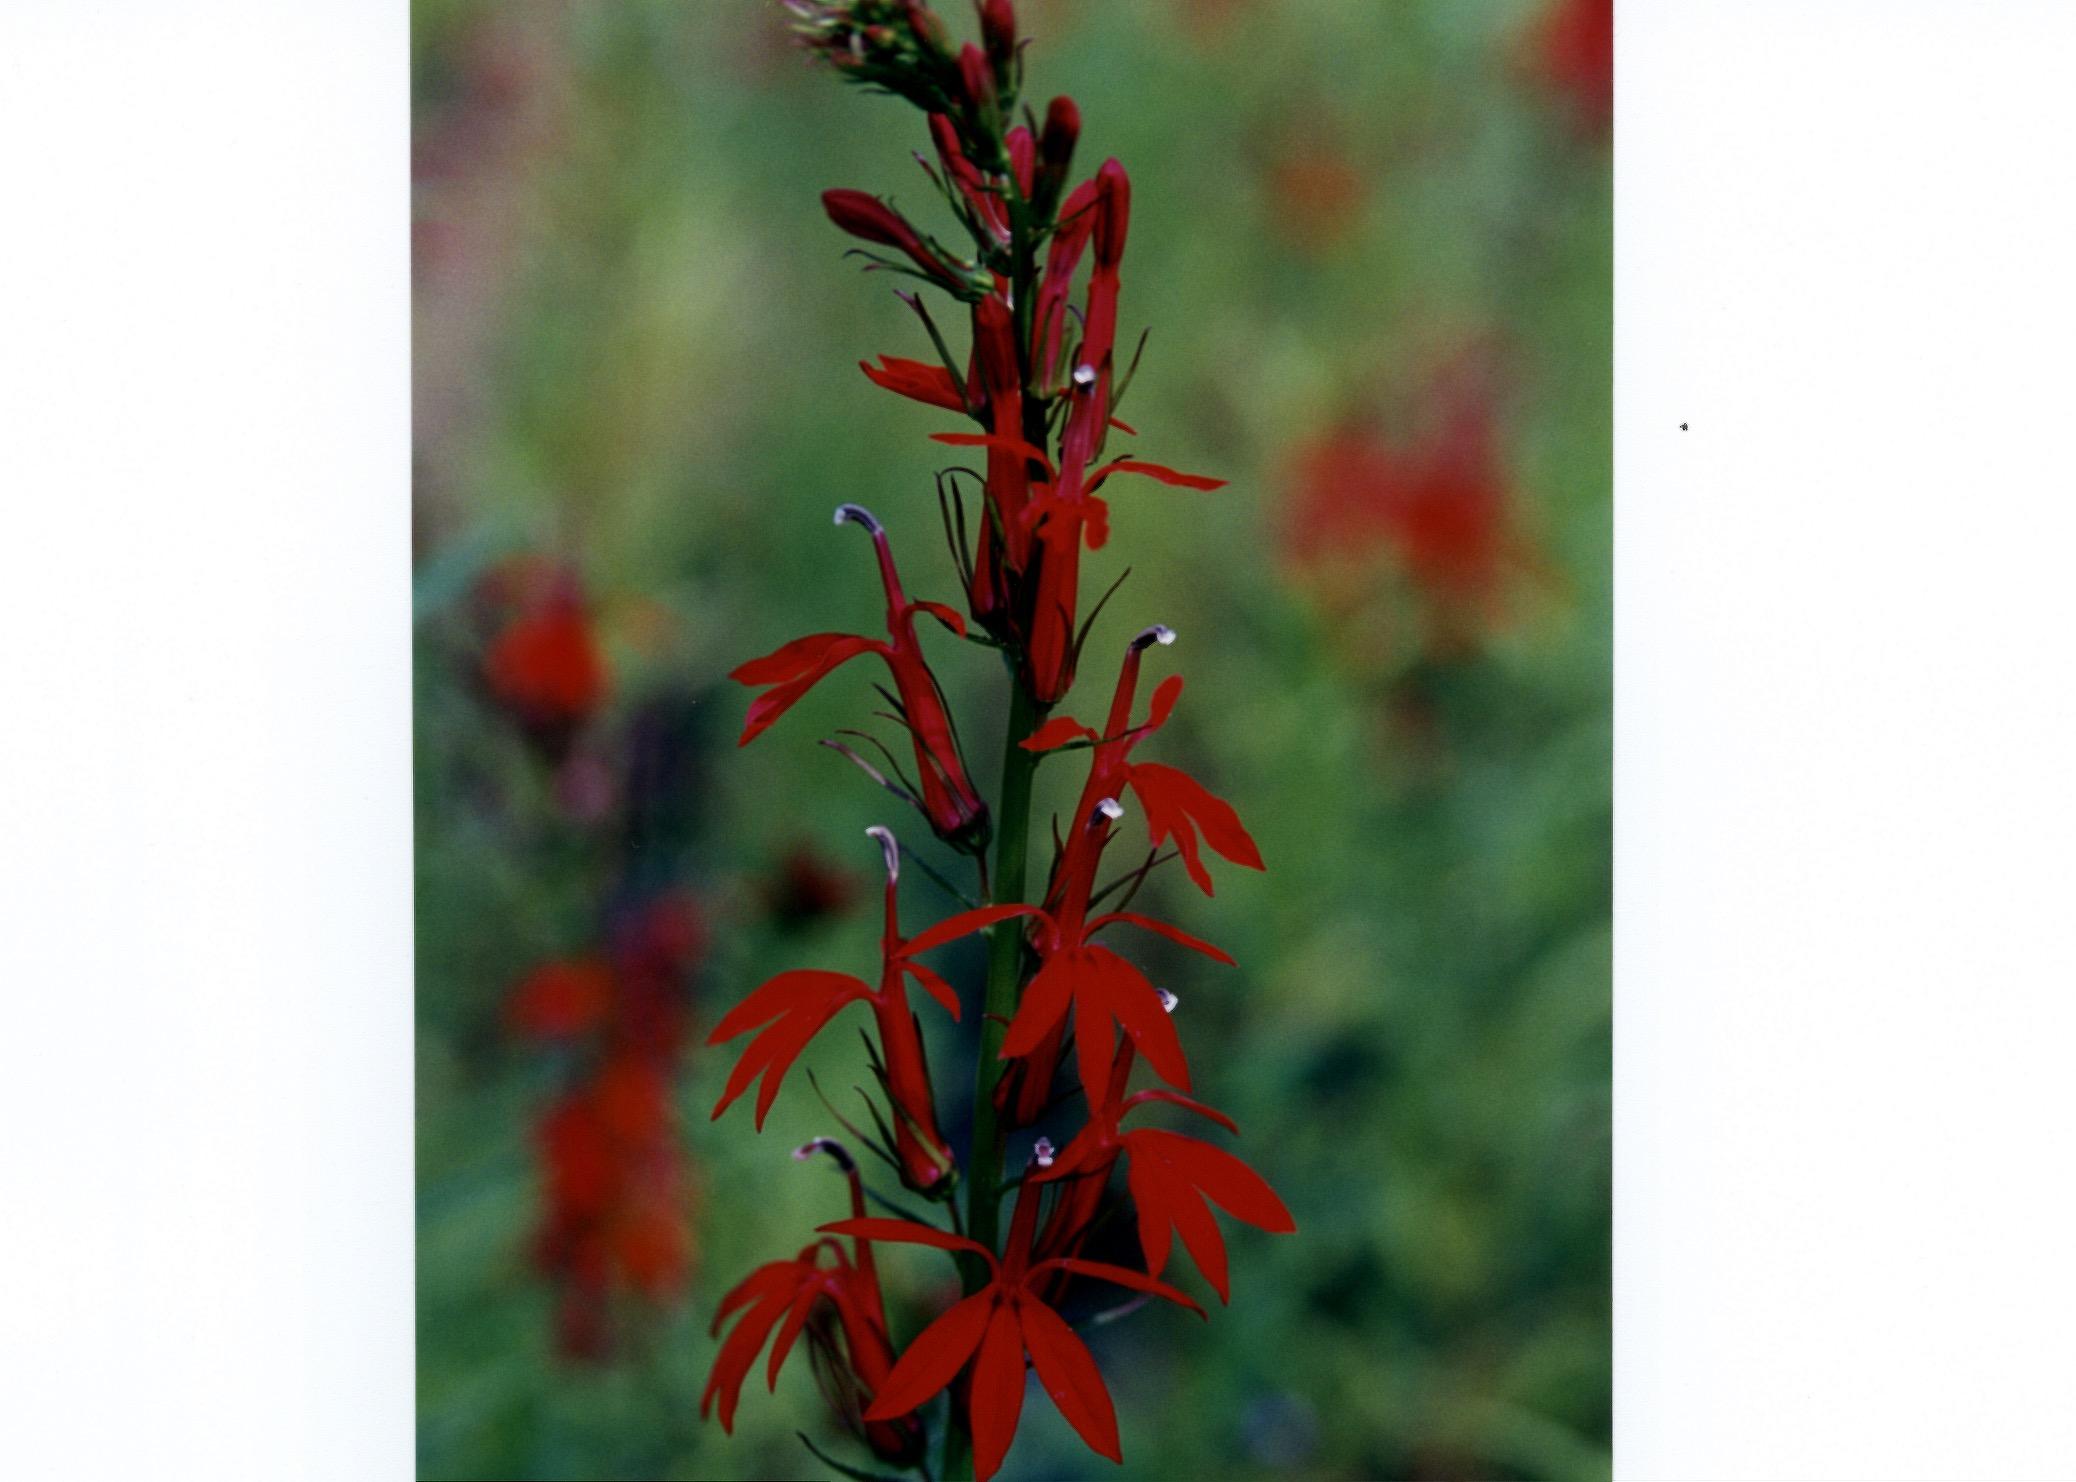 Lobelia Cardinalis red flower